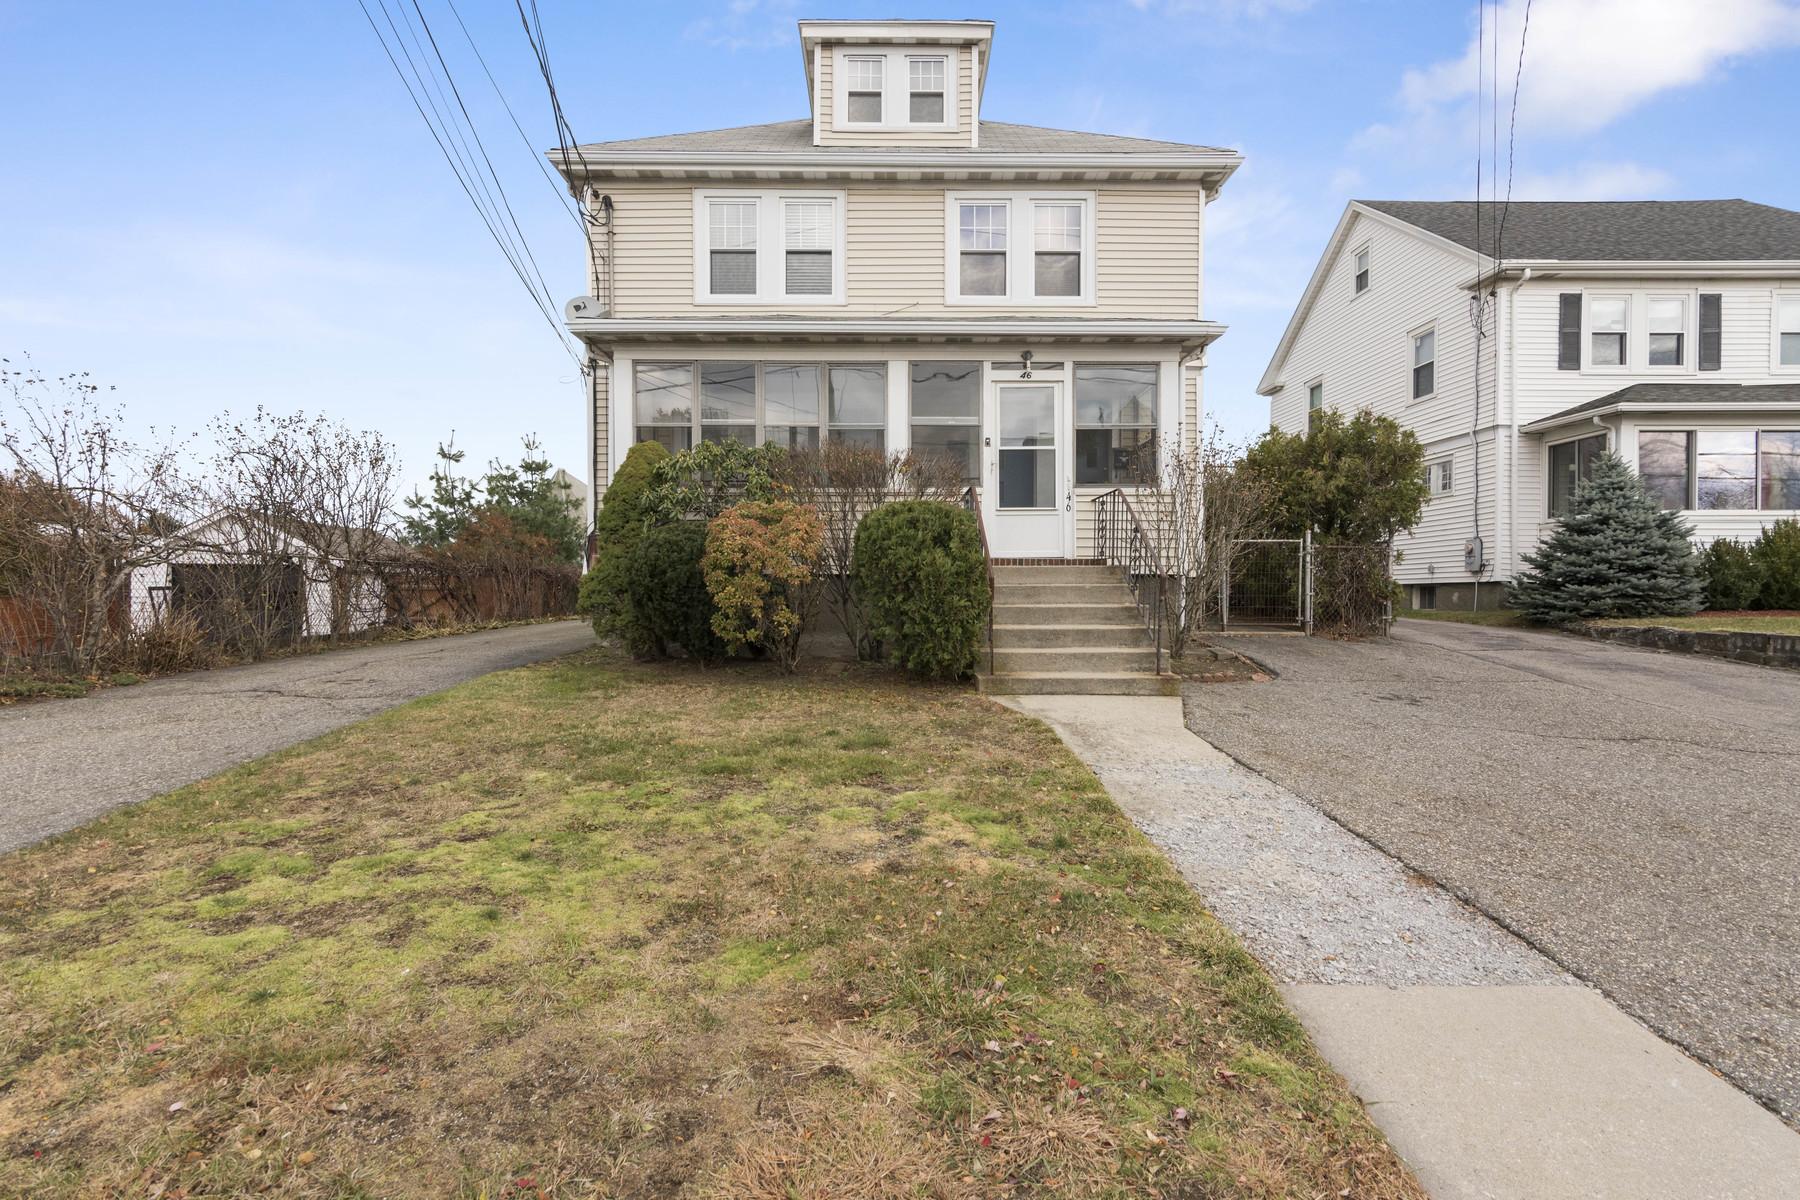 Apartamentos multi-familiares para Venda às Prime investment or owner-occupied two family 46 Bridge St, Newton, Massachusetts, 02458 Estados Unidos